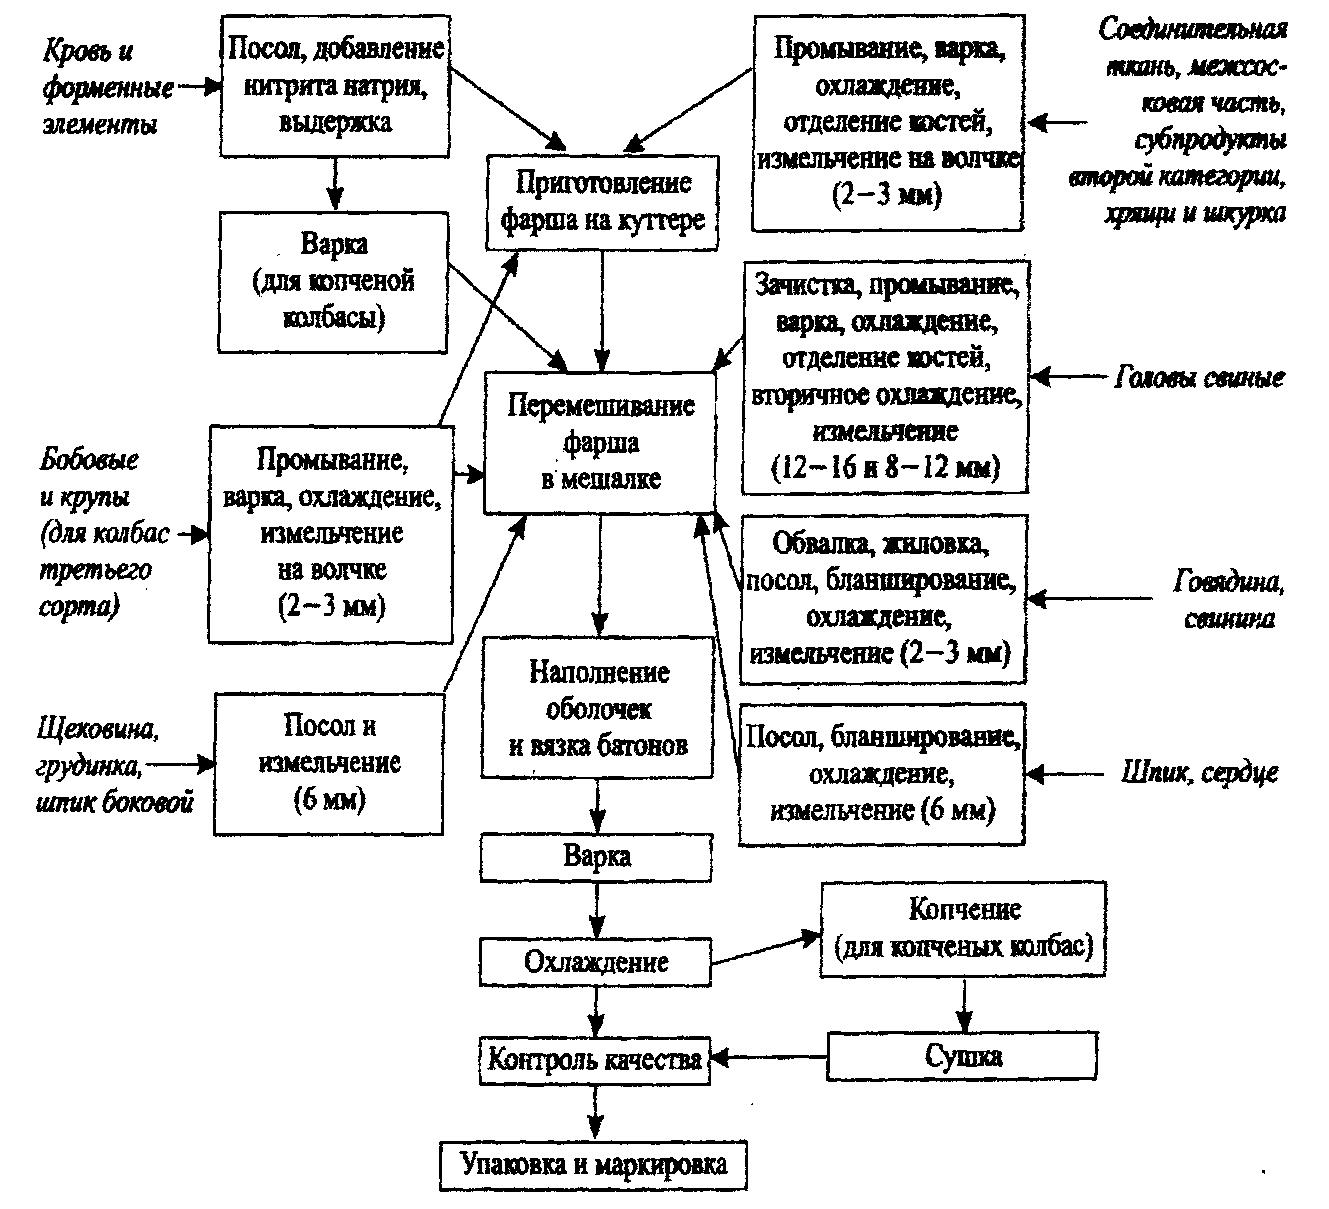 Технологическая схема производства крупы фото 678